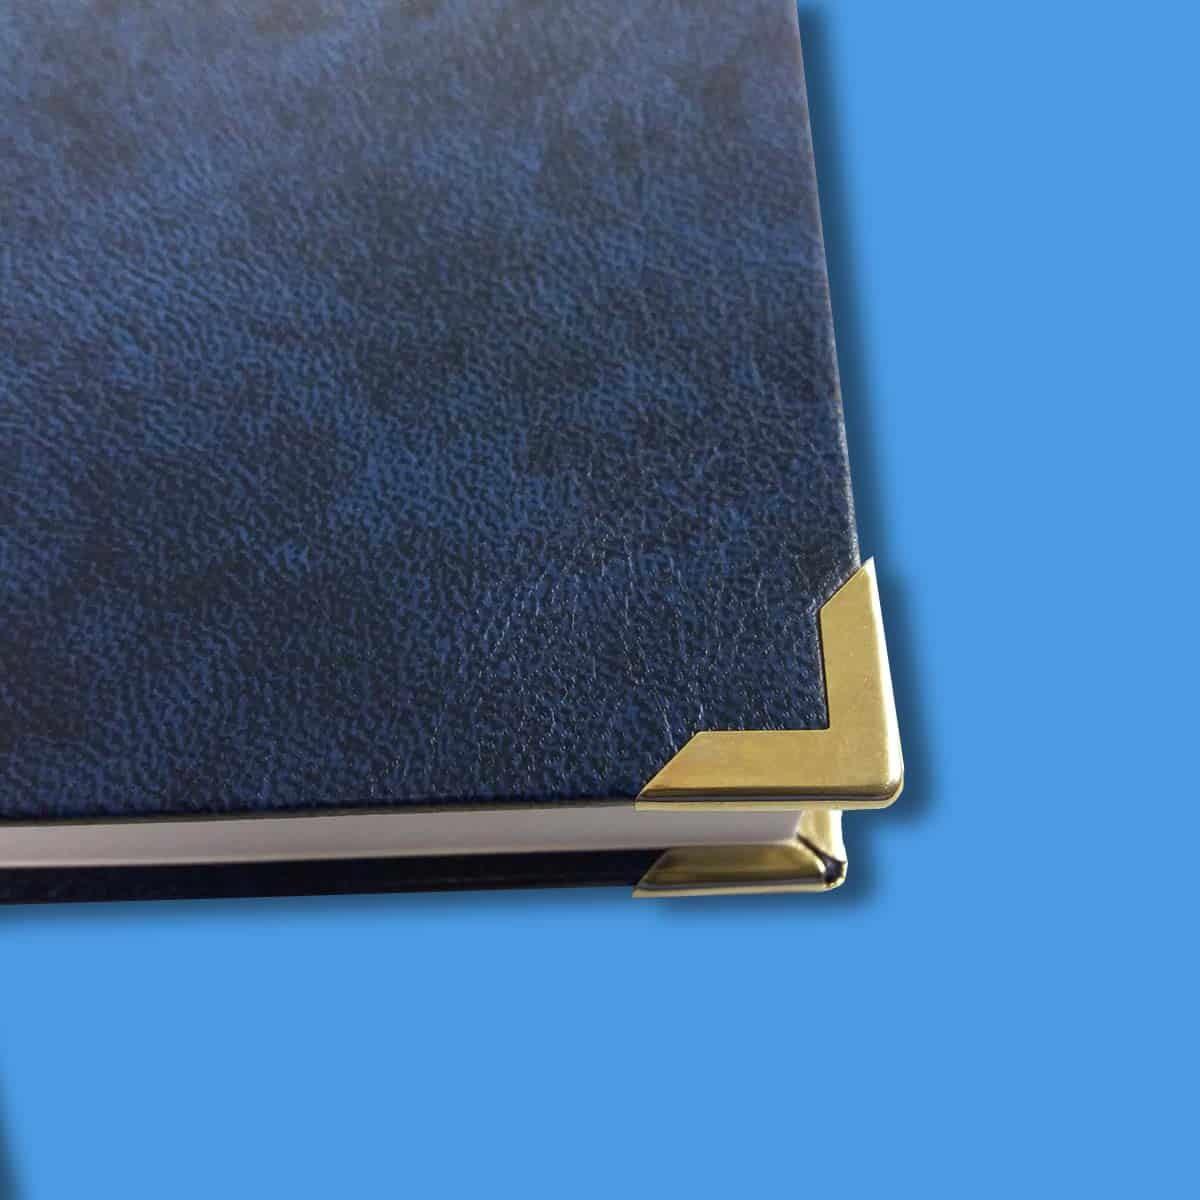 Hardcover in blau mit Buchecken in gold